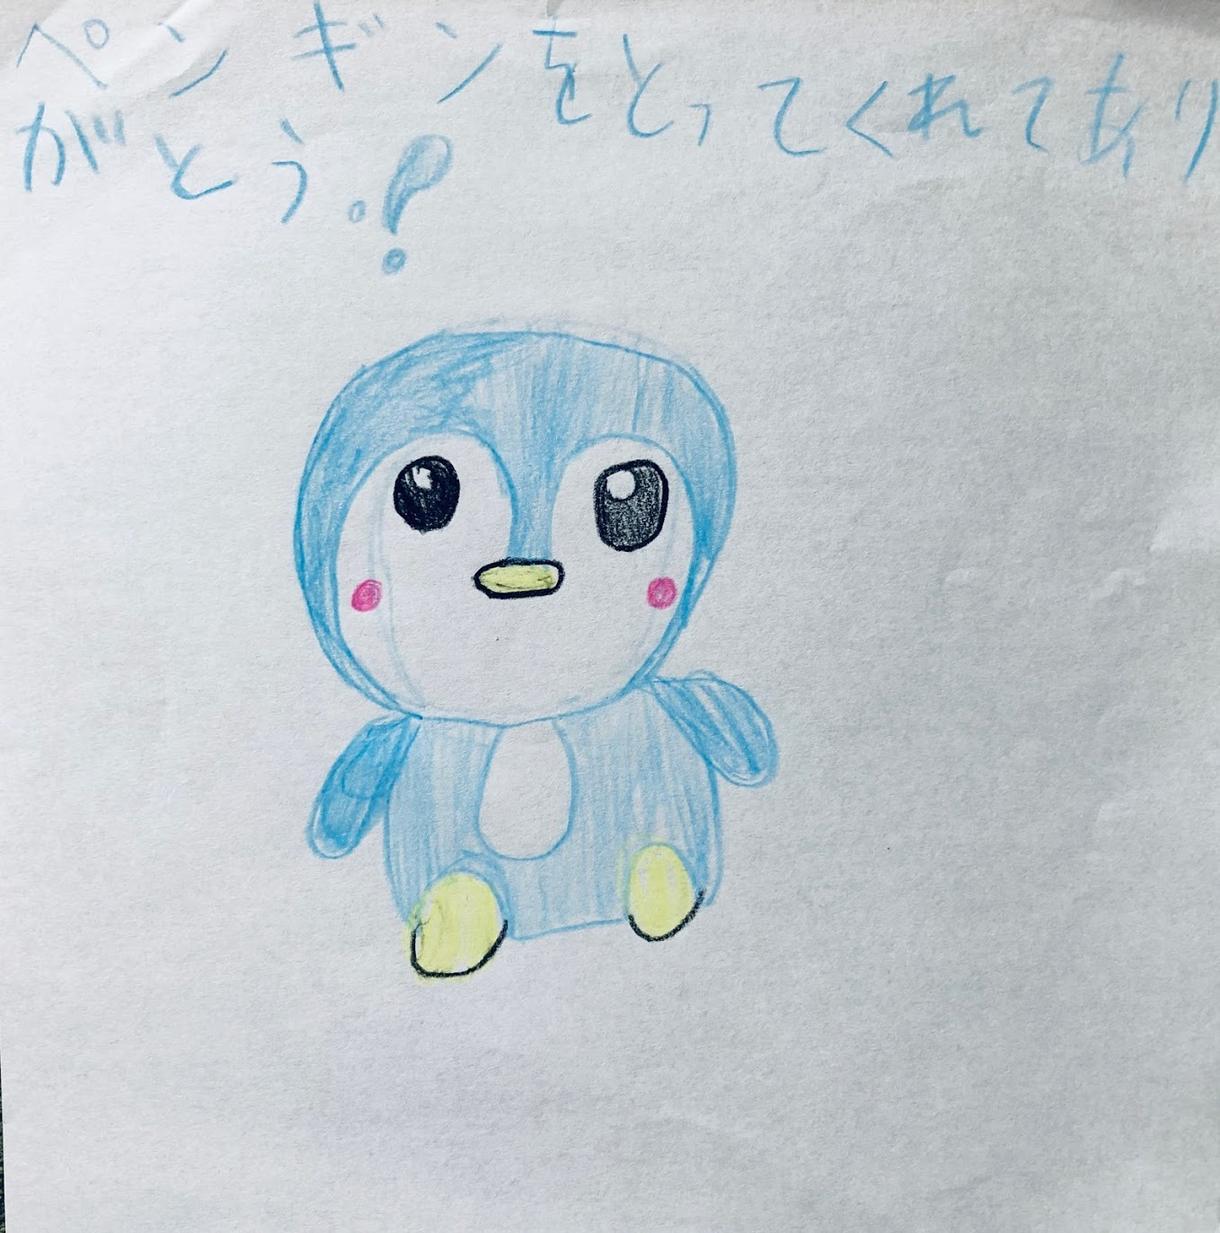 7歳の子供がキャラクターをデザインします ※デザイン修正・最終的な仕上げはTakebonが担当します。